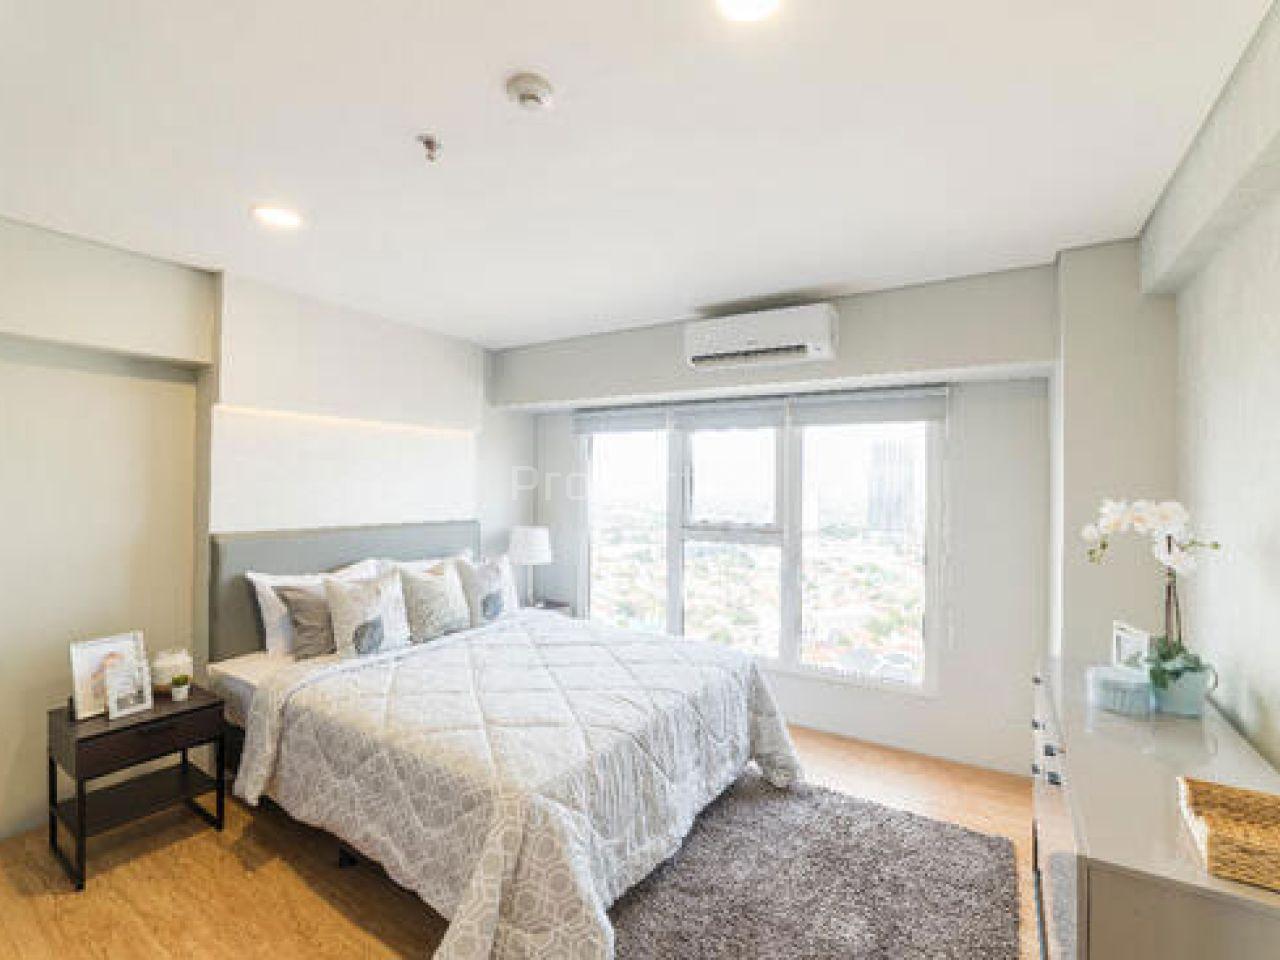 Unit Apartemen Luas di MAQNA Residence, Lantai 20, Kembangan